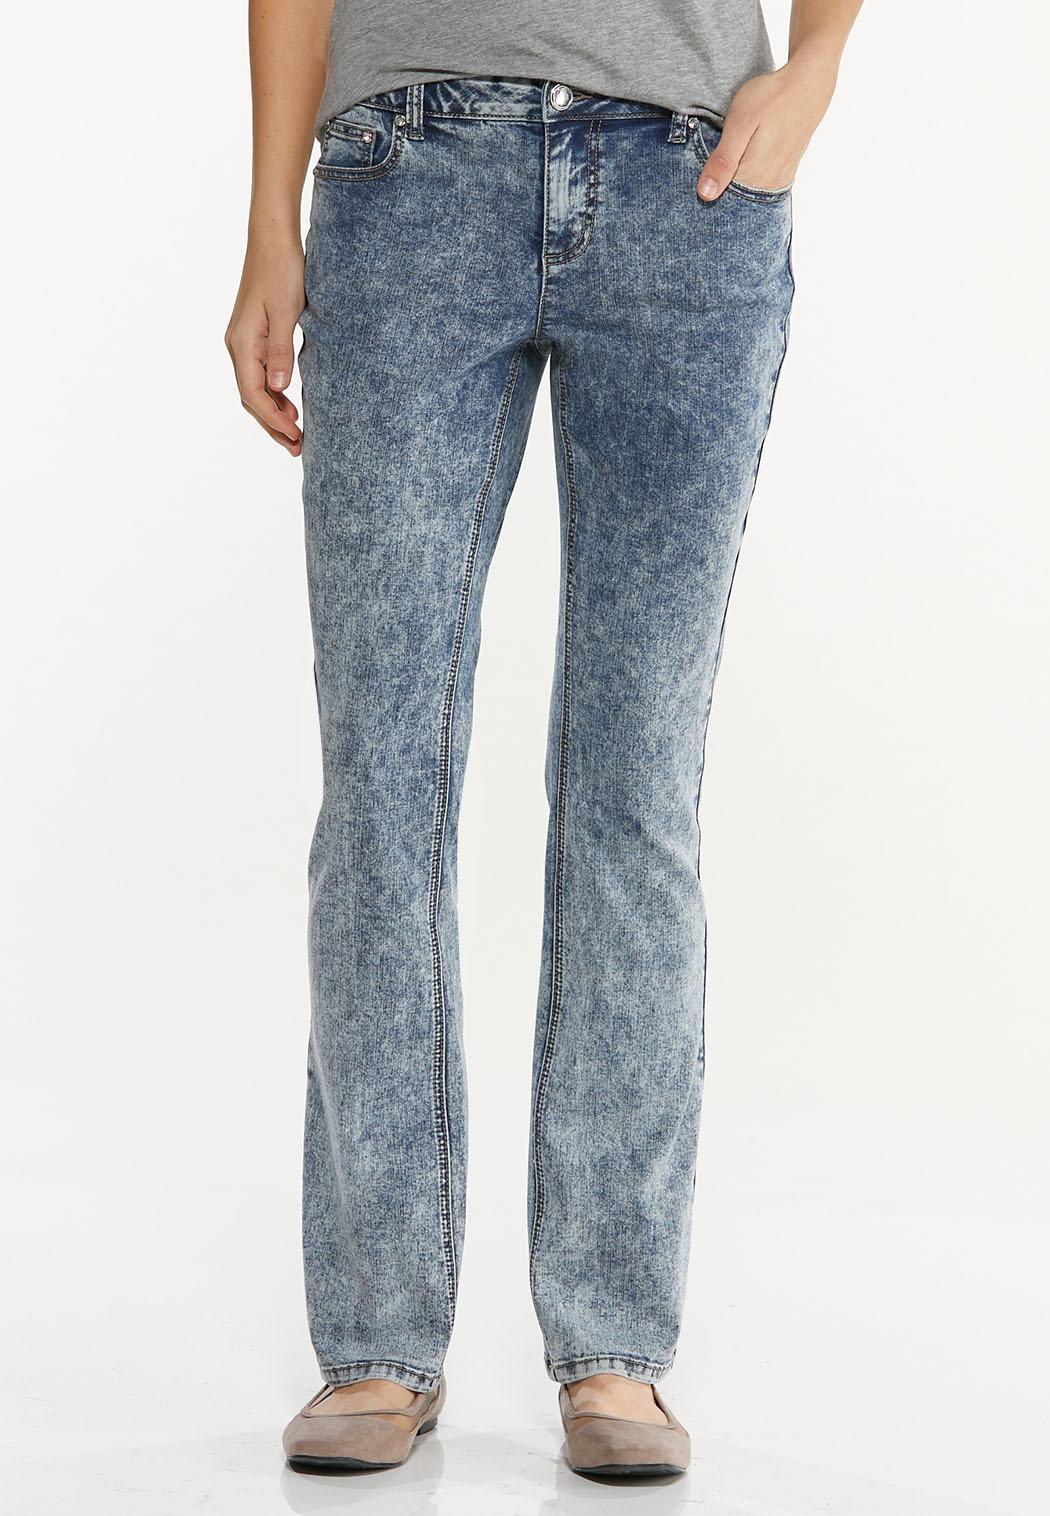 Petite Dark Vintage Wash Jeans (Item #44510734)